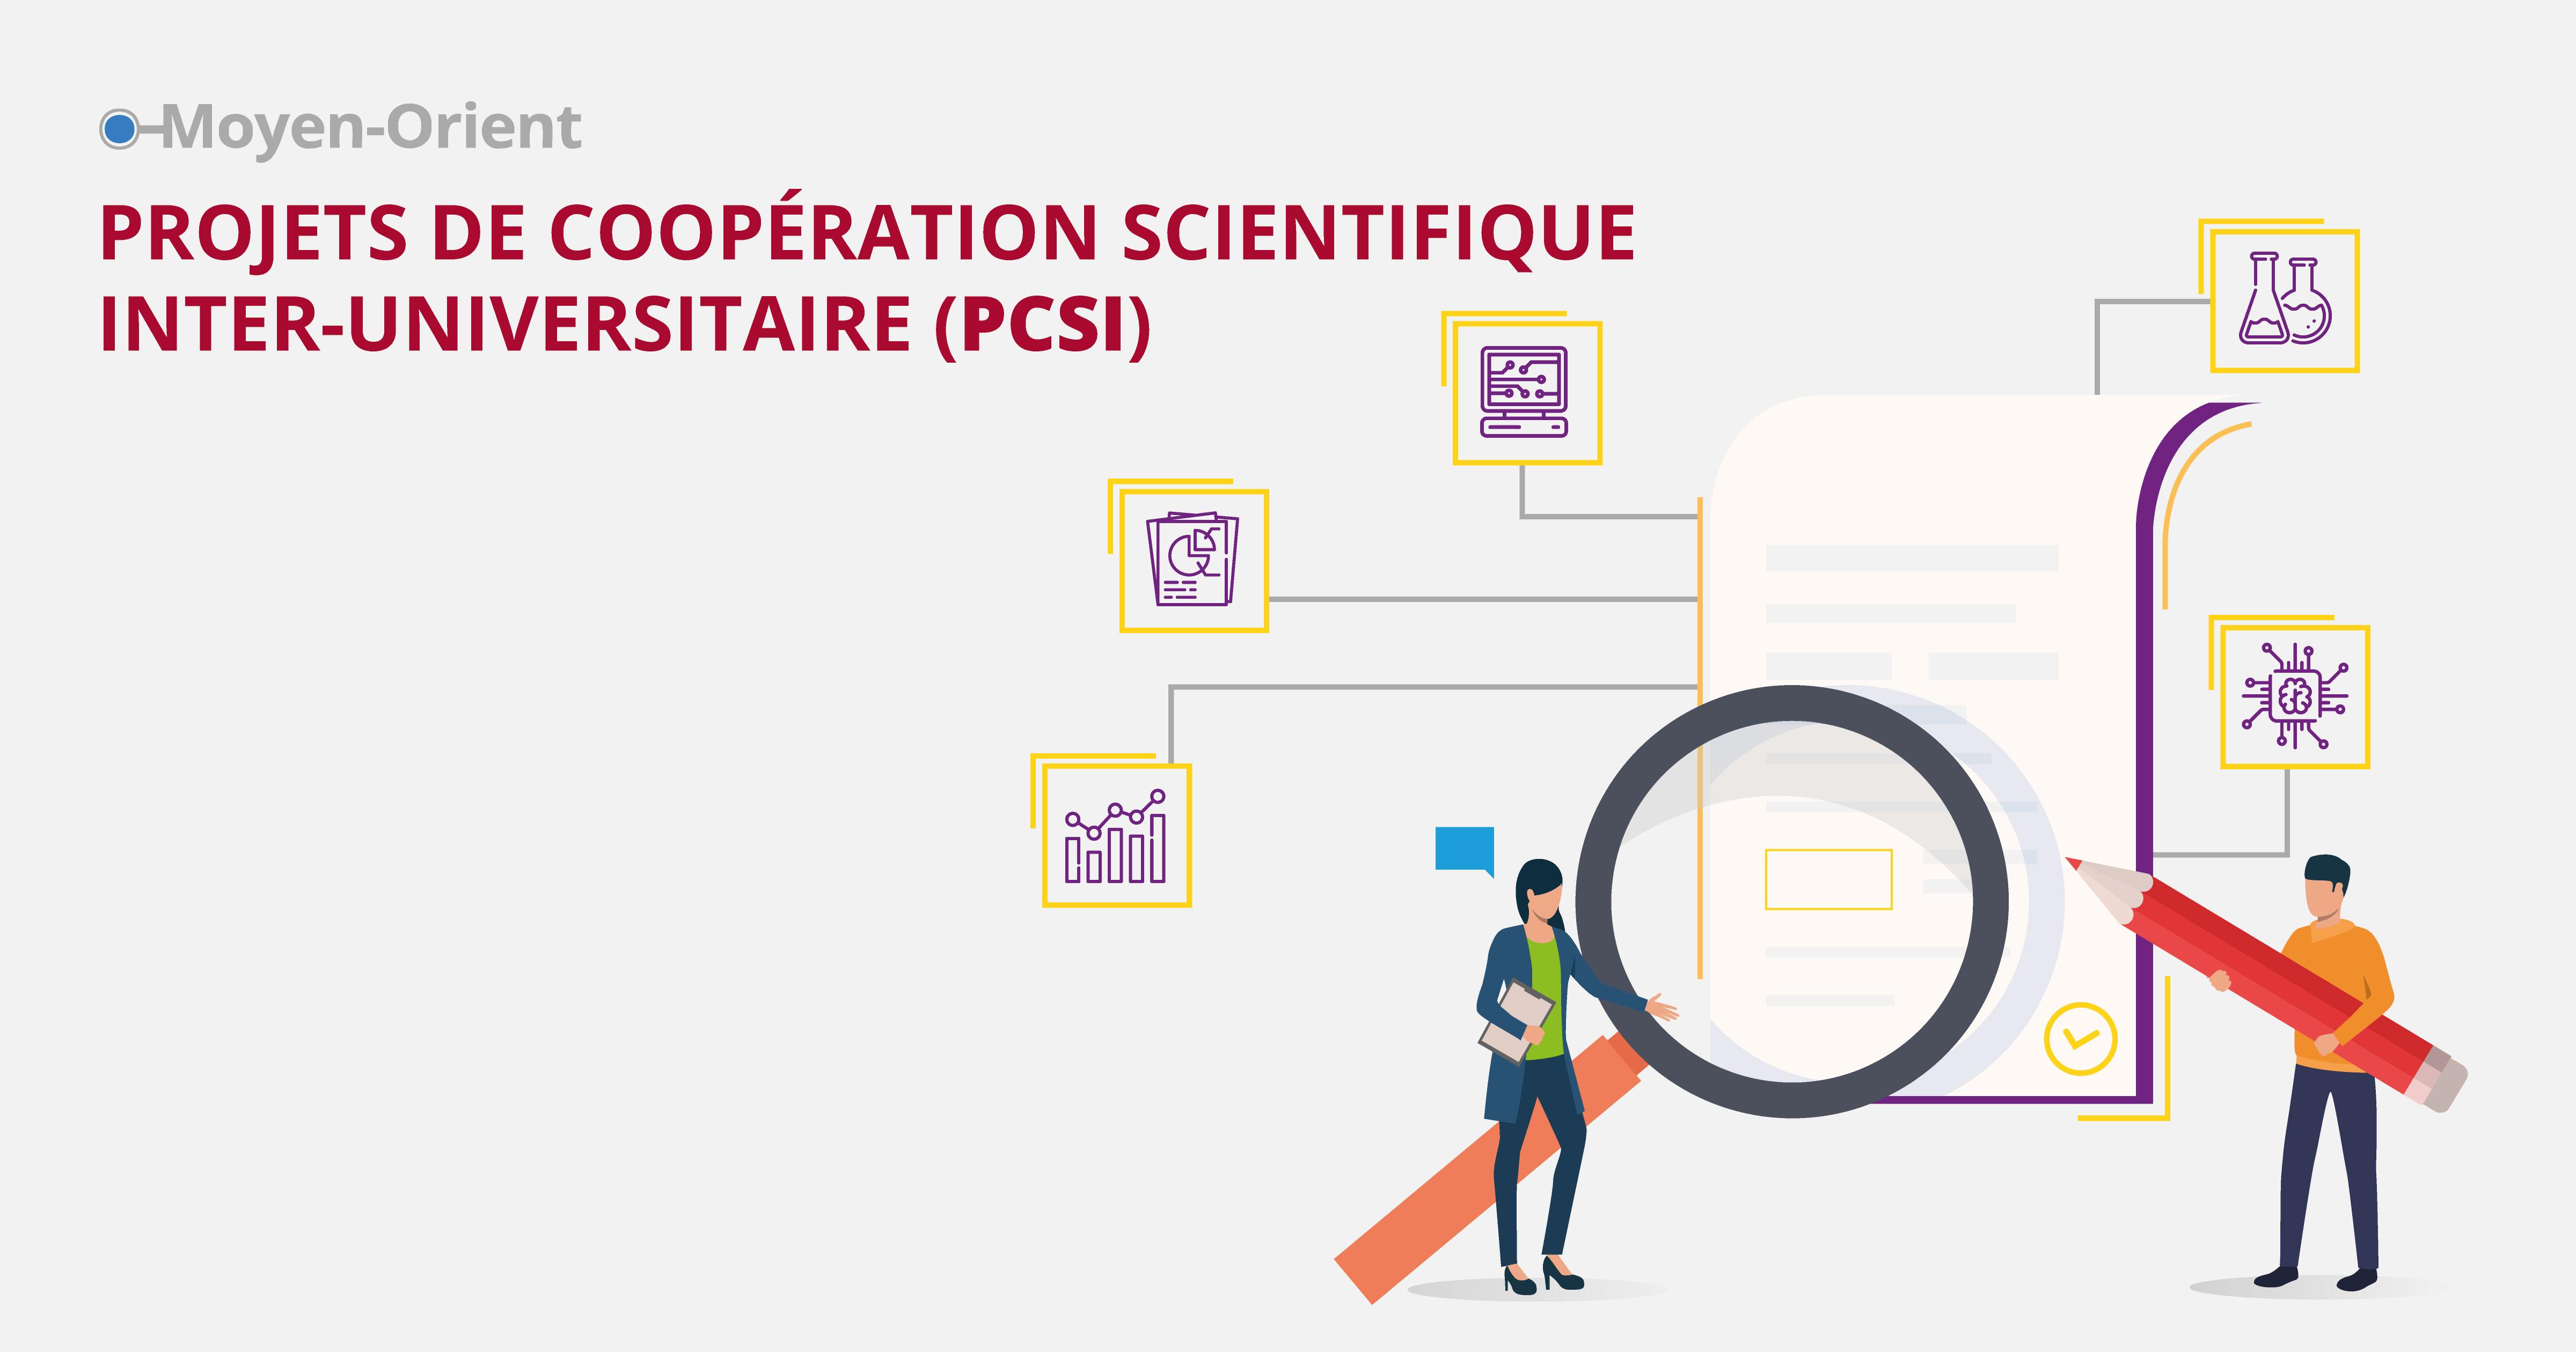 PROJETS-DE-COOPÉRATION-SCIENTIFIQUE-PCSI